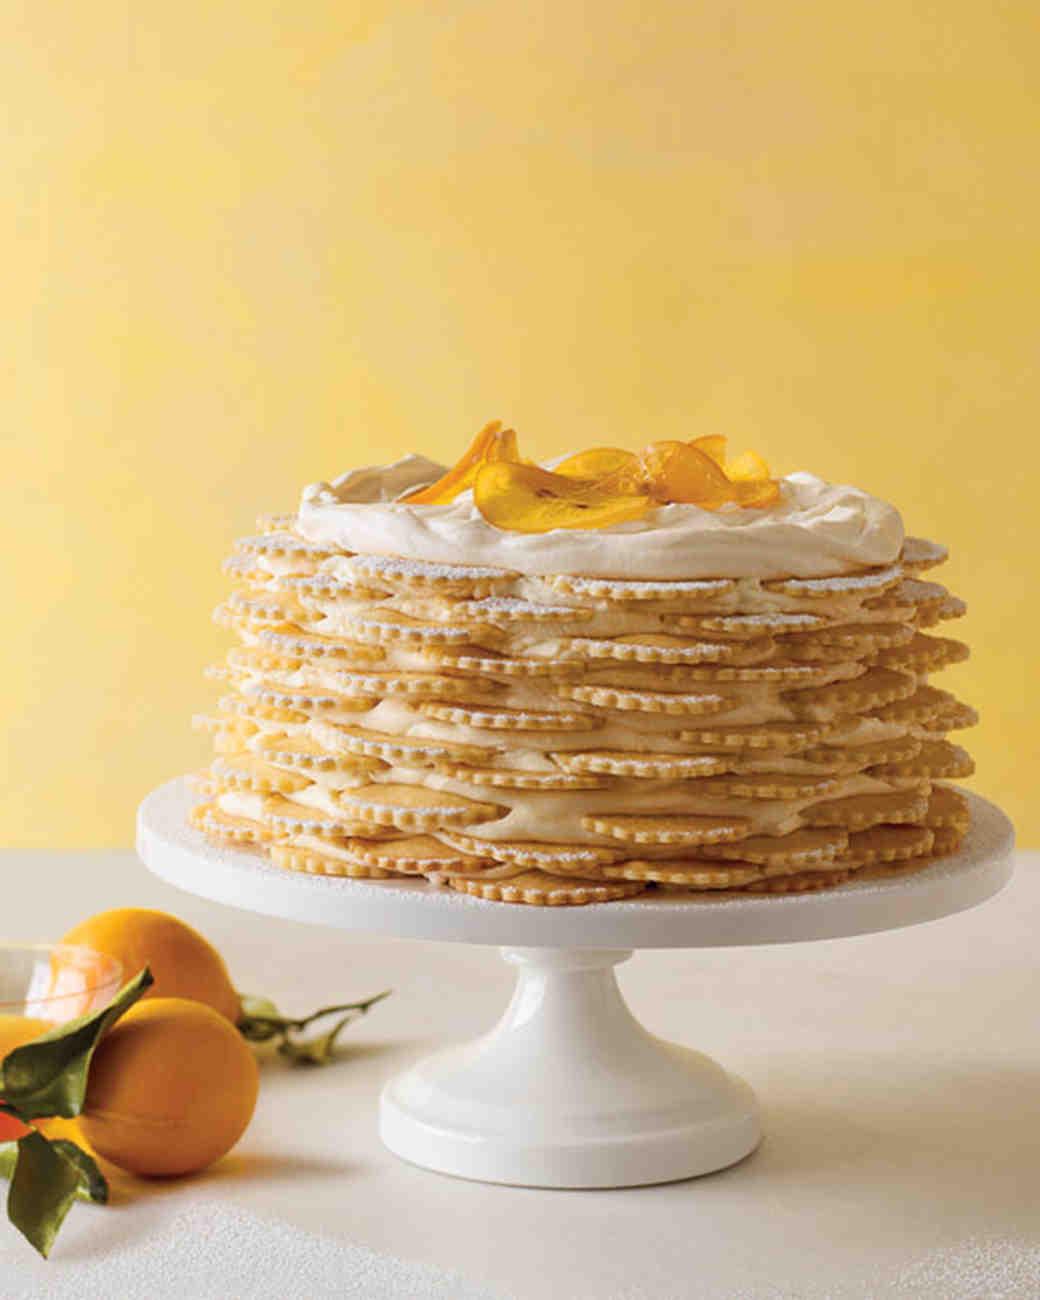 Martha stewart icebox cake recipe